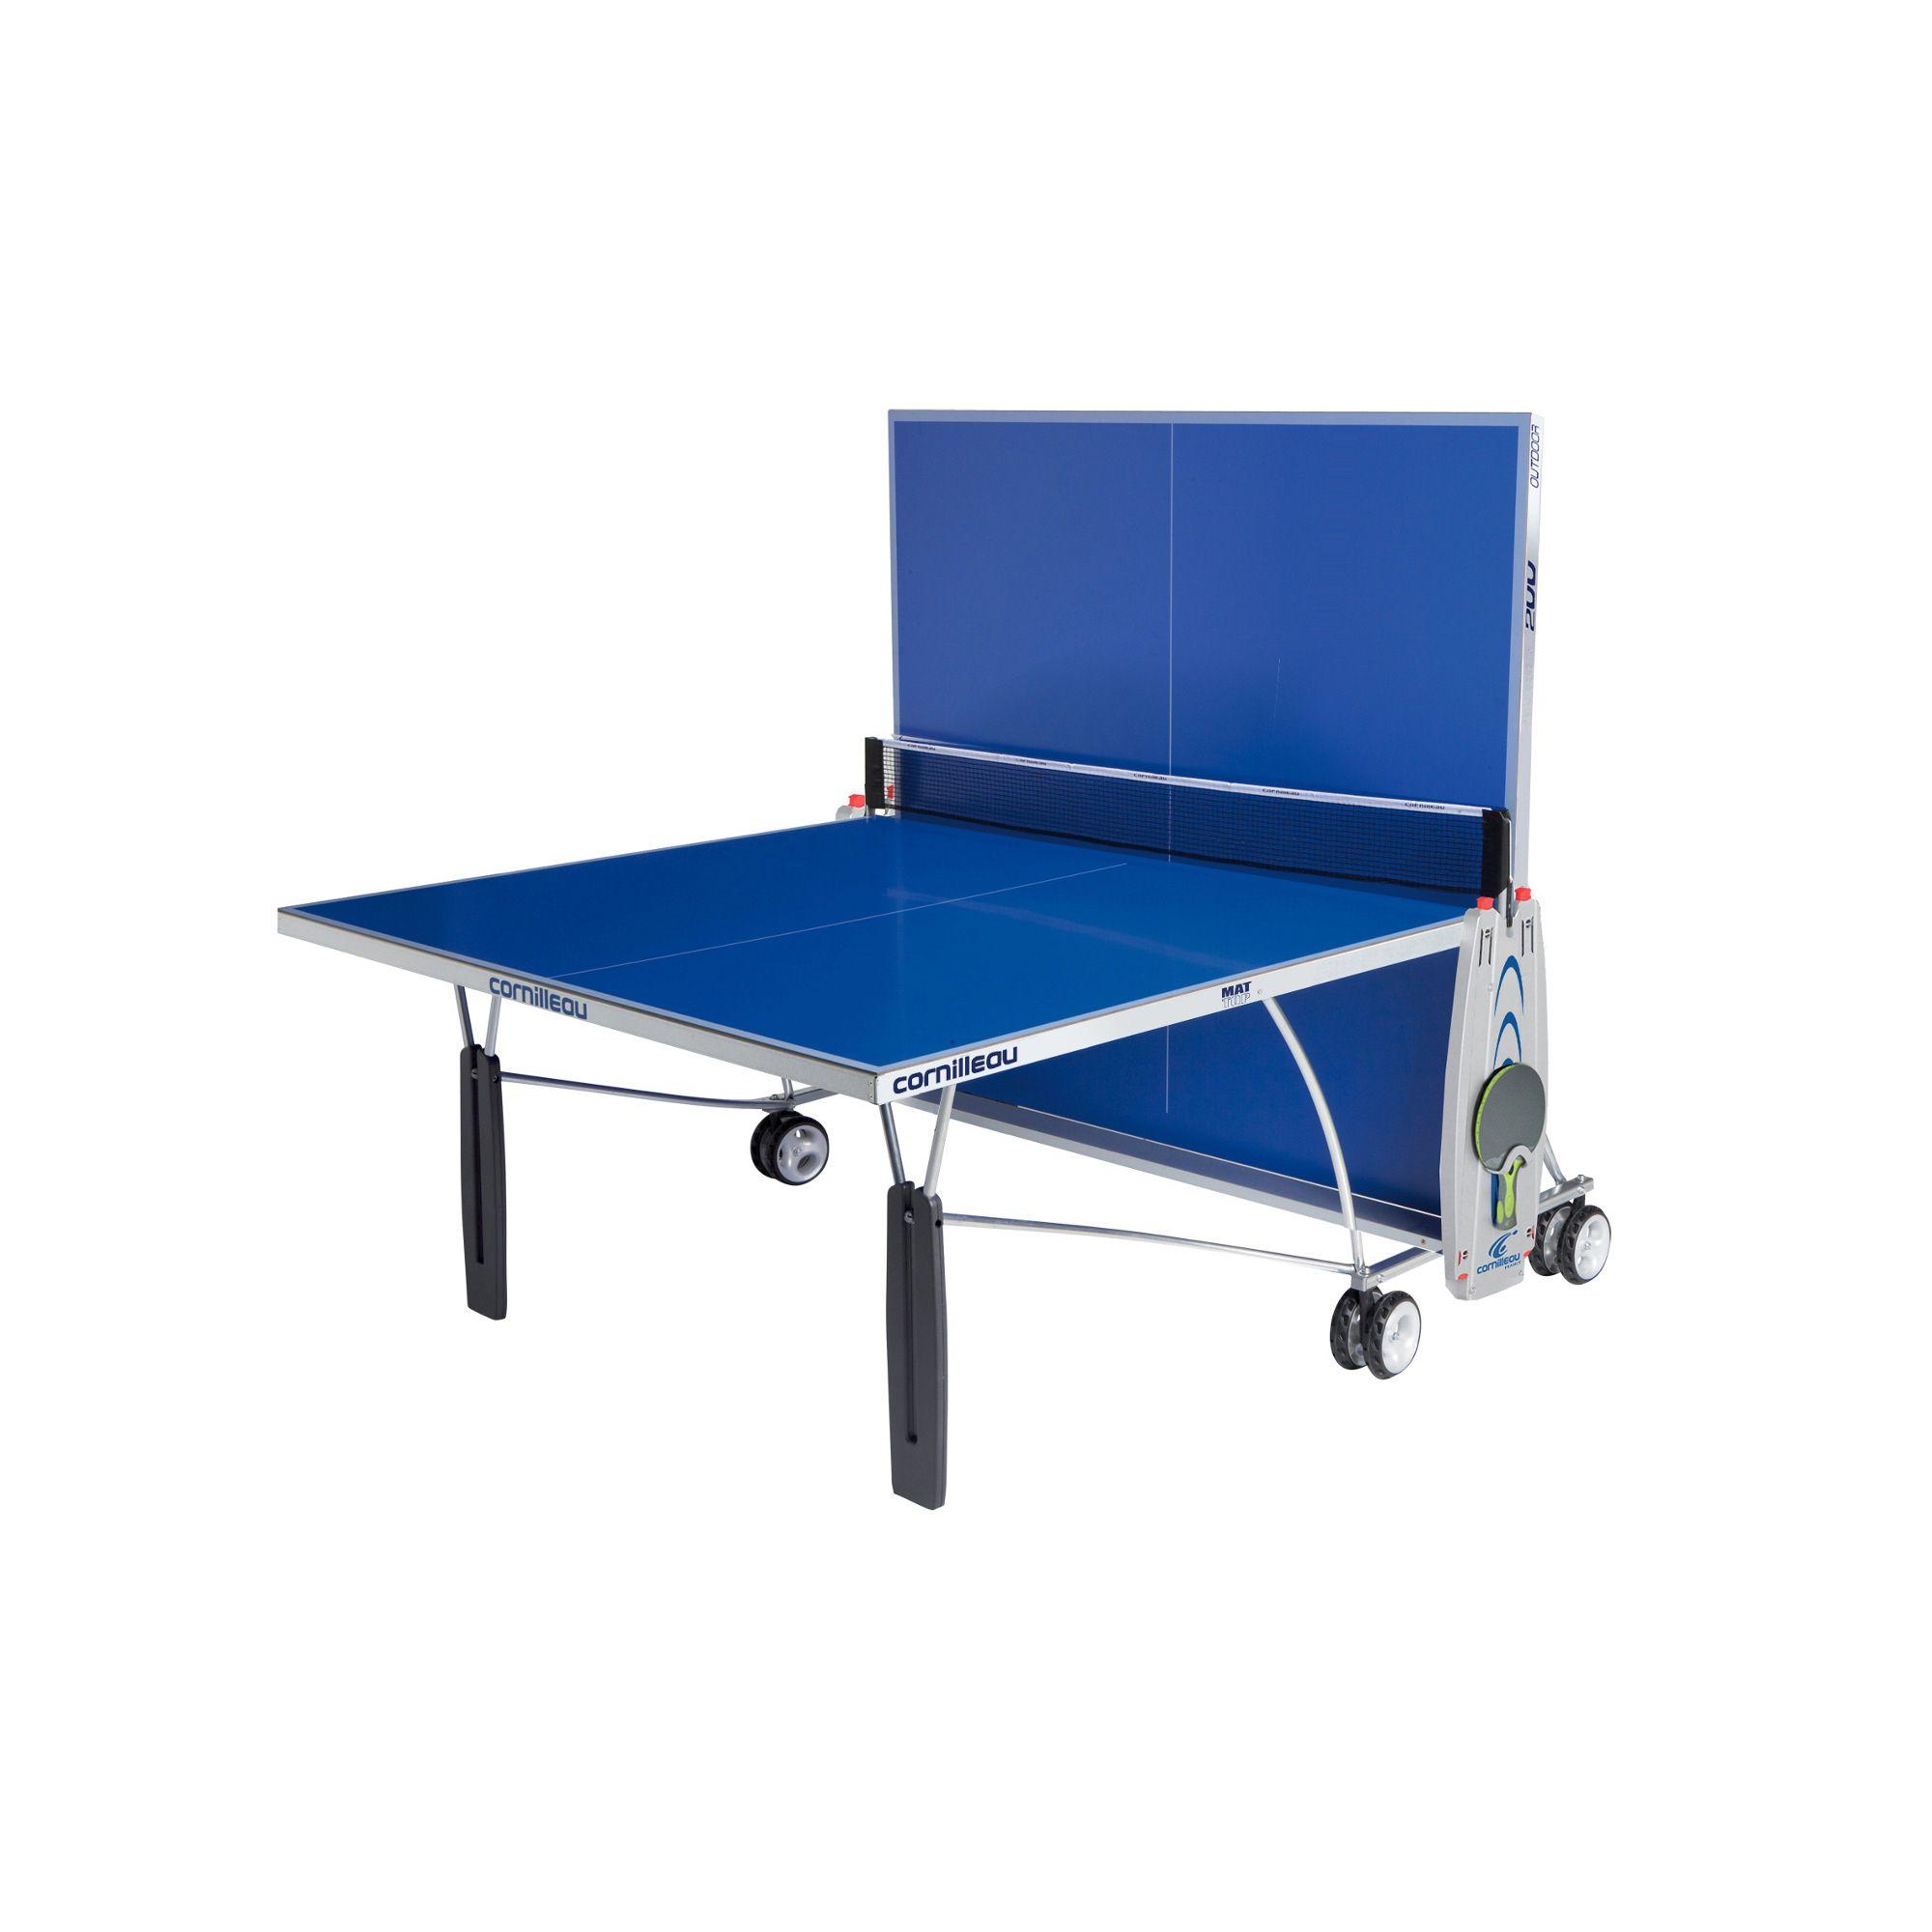 Cornilleau sport 200m outdoor rollaway table tennis table - Table tennis de table cornilleau outdoor ...